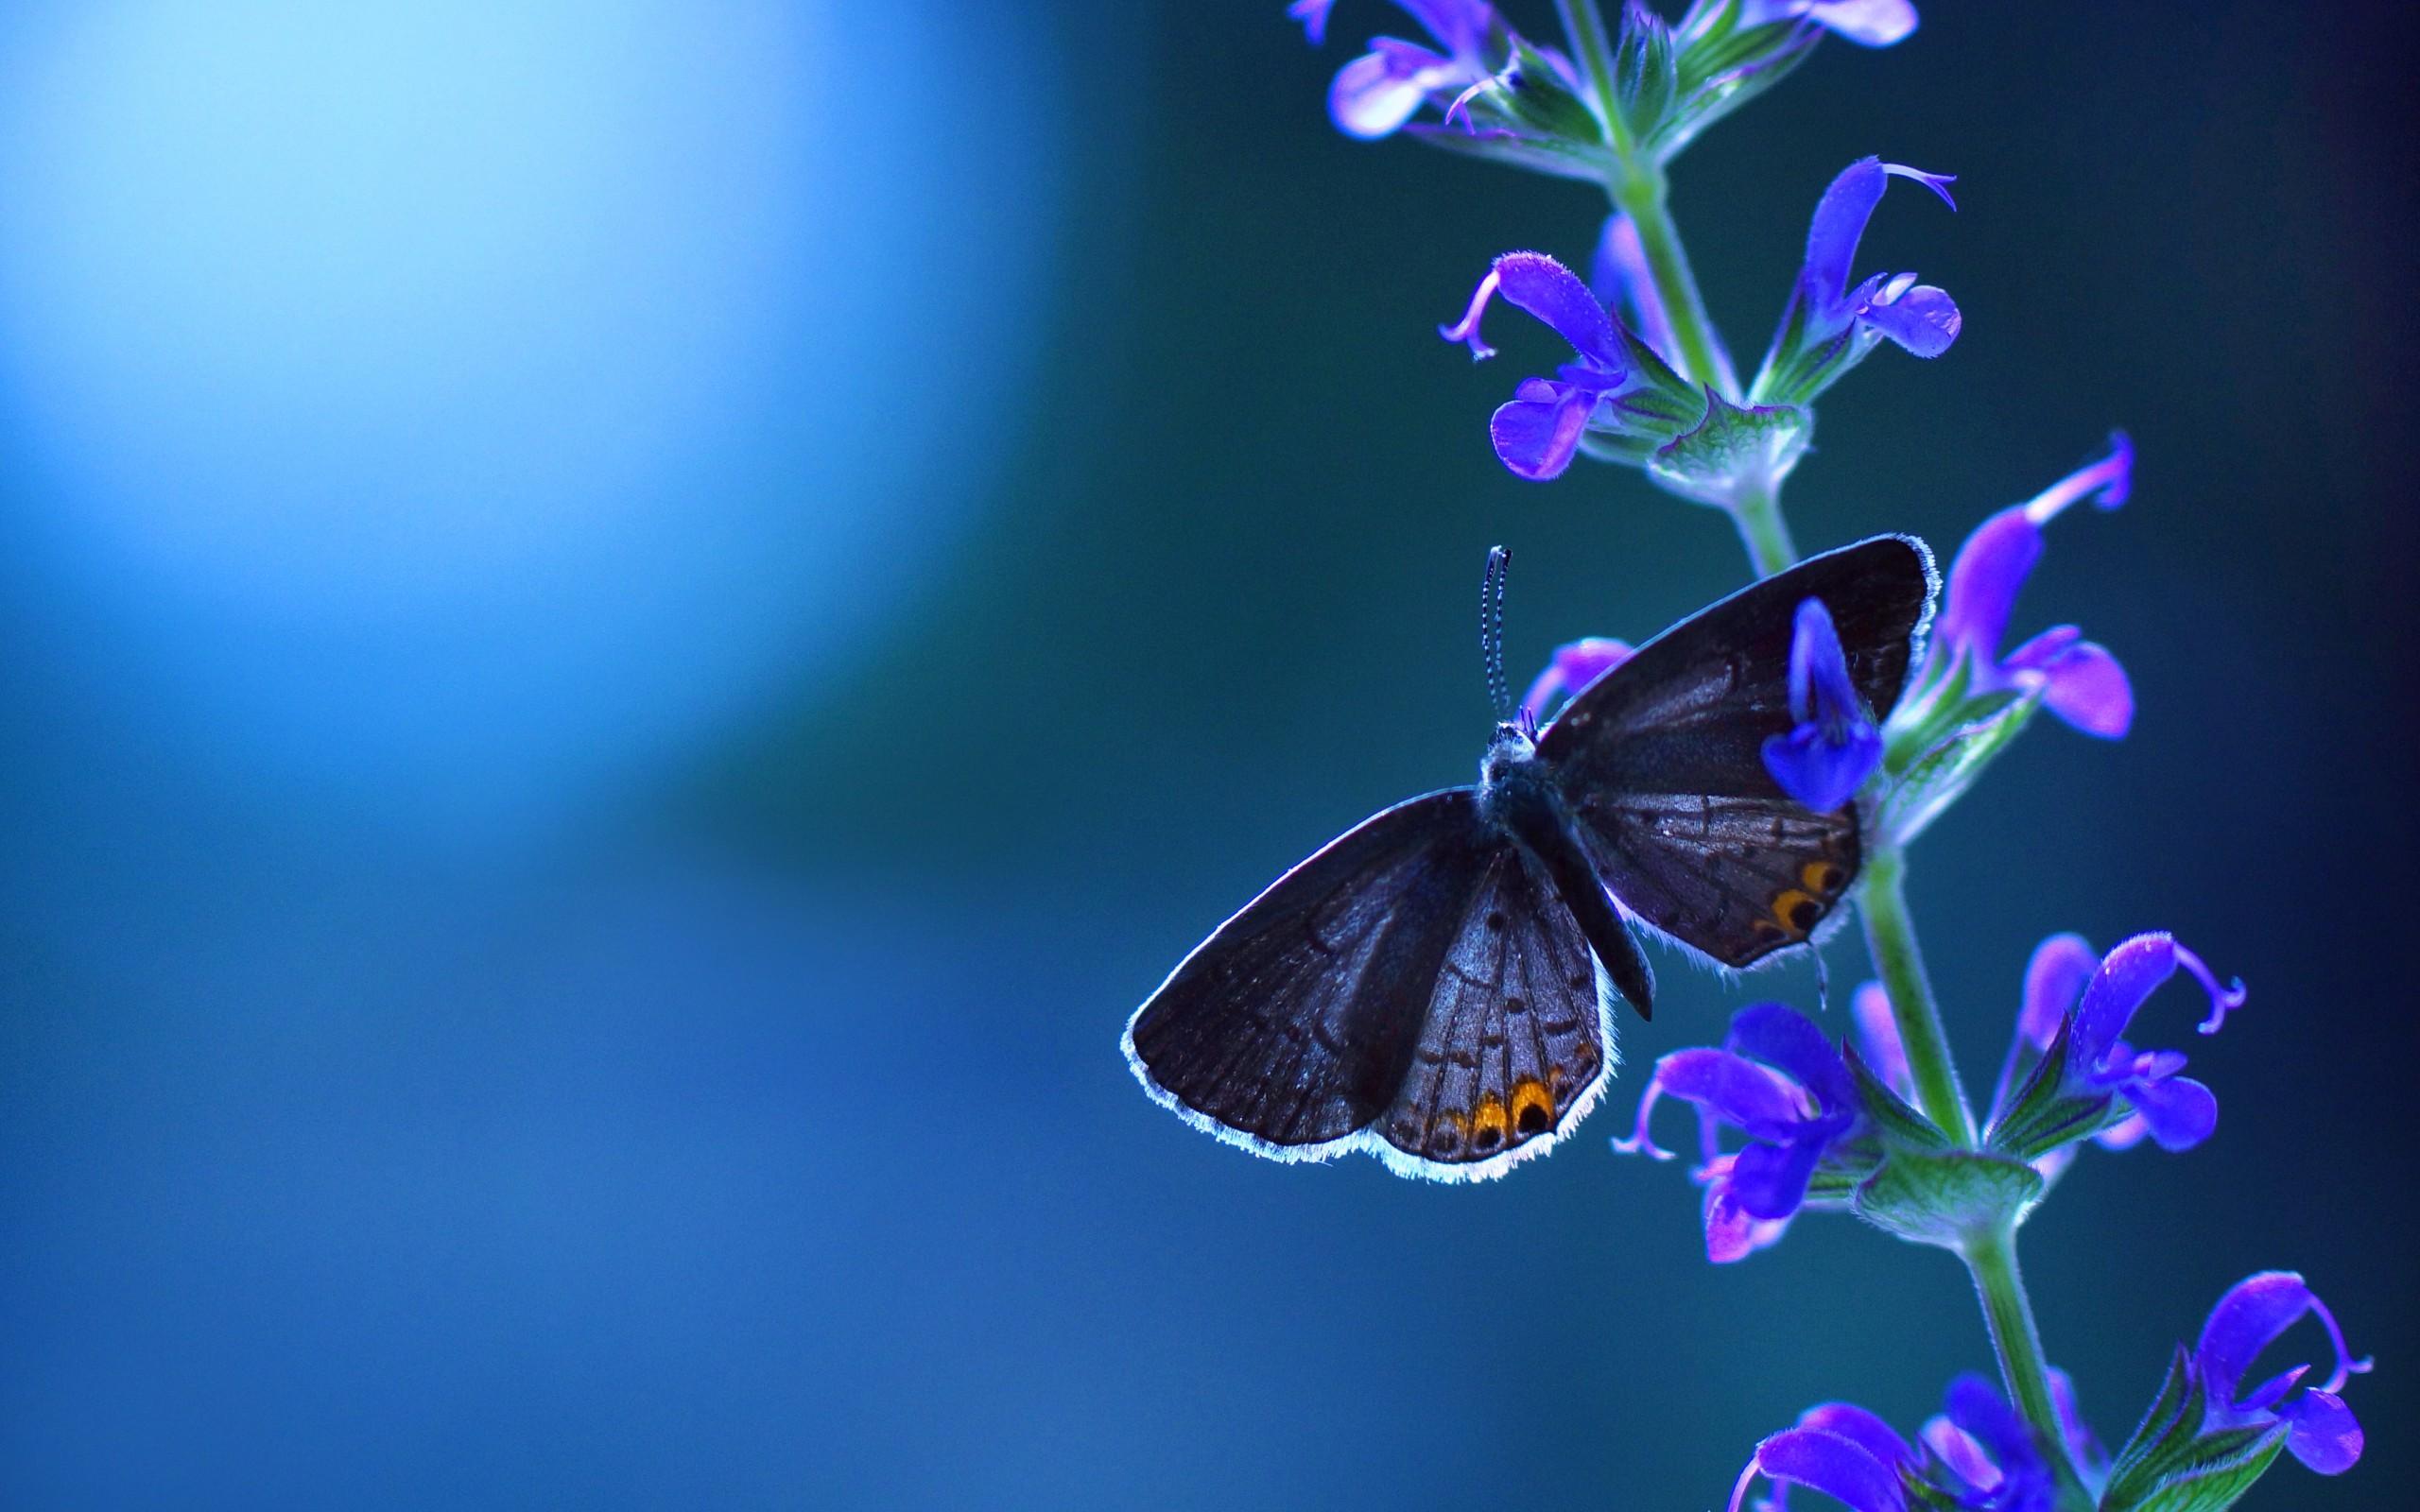 Скачать бесплатно обои бабочки на рабочий стол   подборка (13)